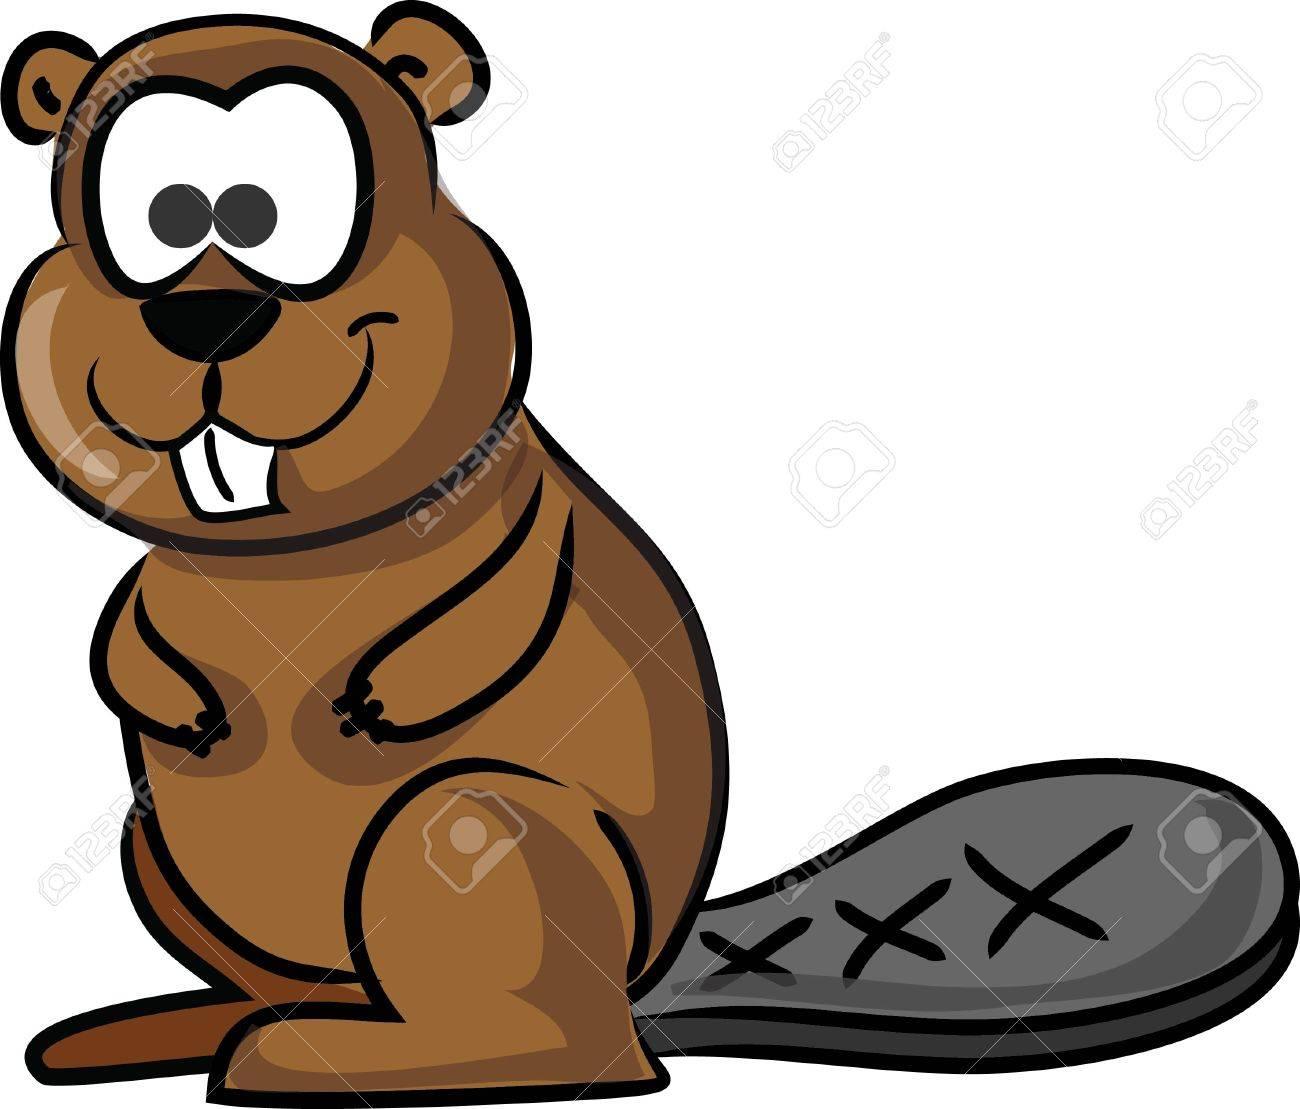 Cartoon cute beaver.